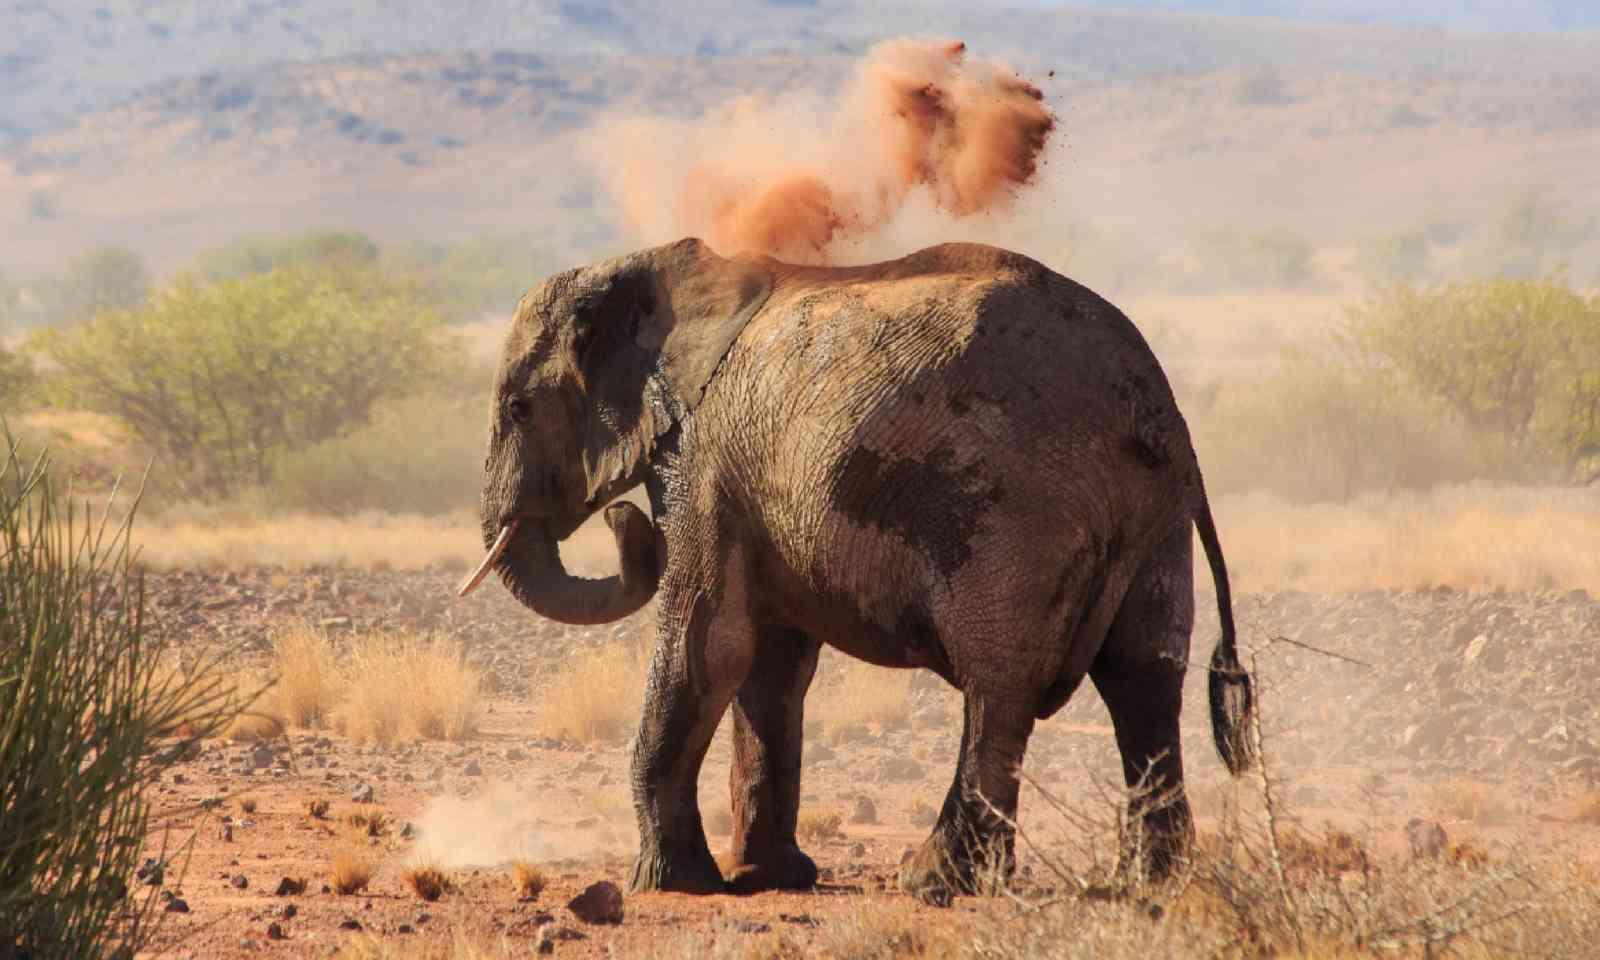 Desert elephant taking a dust bath (Shutterstock)